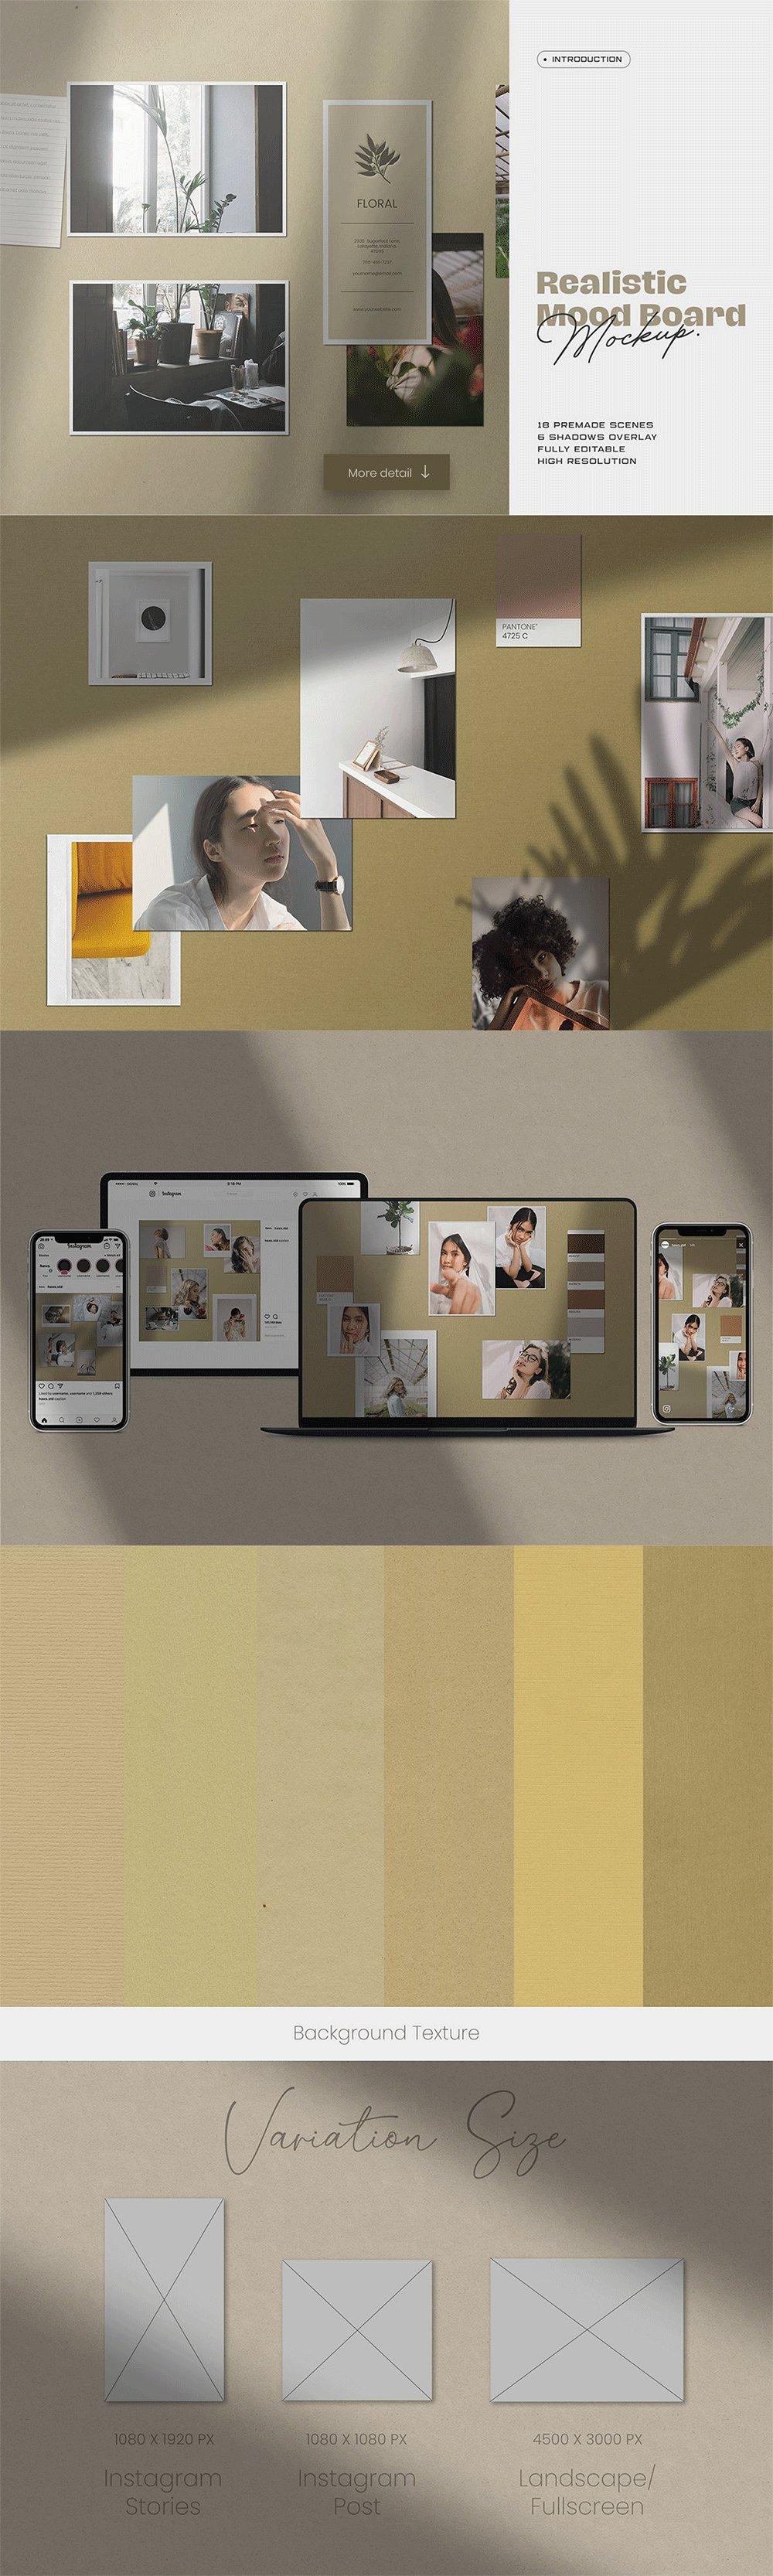 [淘宝购买] 10套文艺情绪板摄影相片卡片拼贴设计PSD源文件 Bundle Moodboard Mockup V2插图(4)